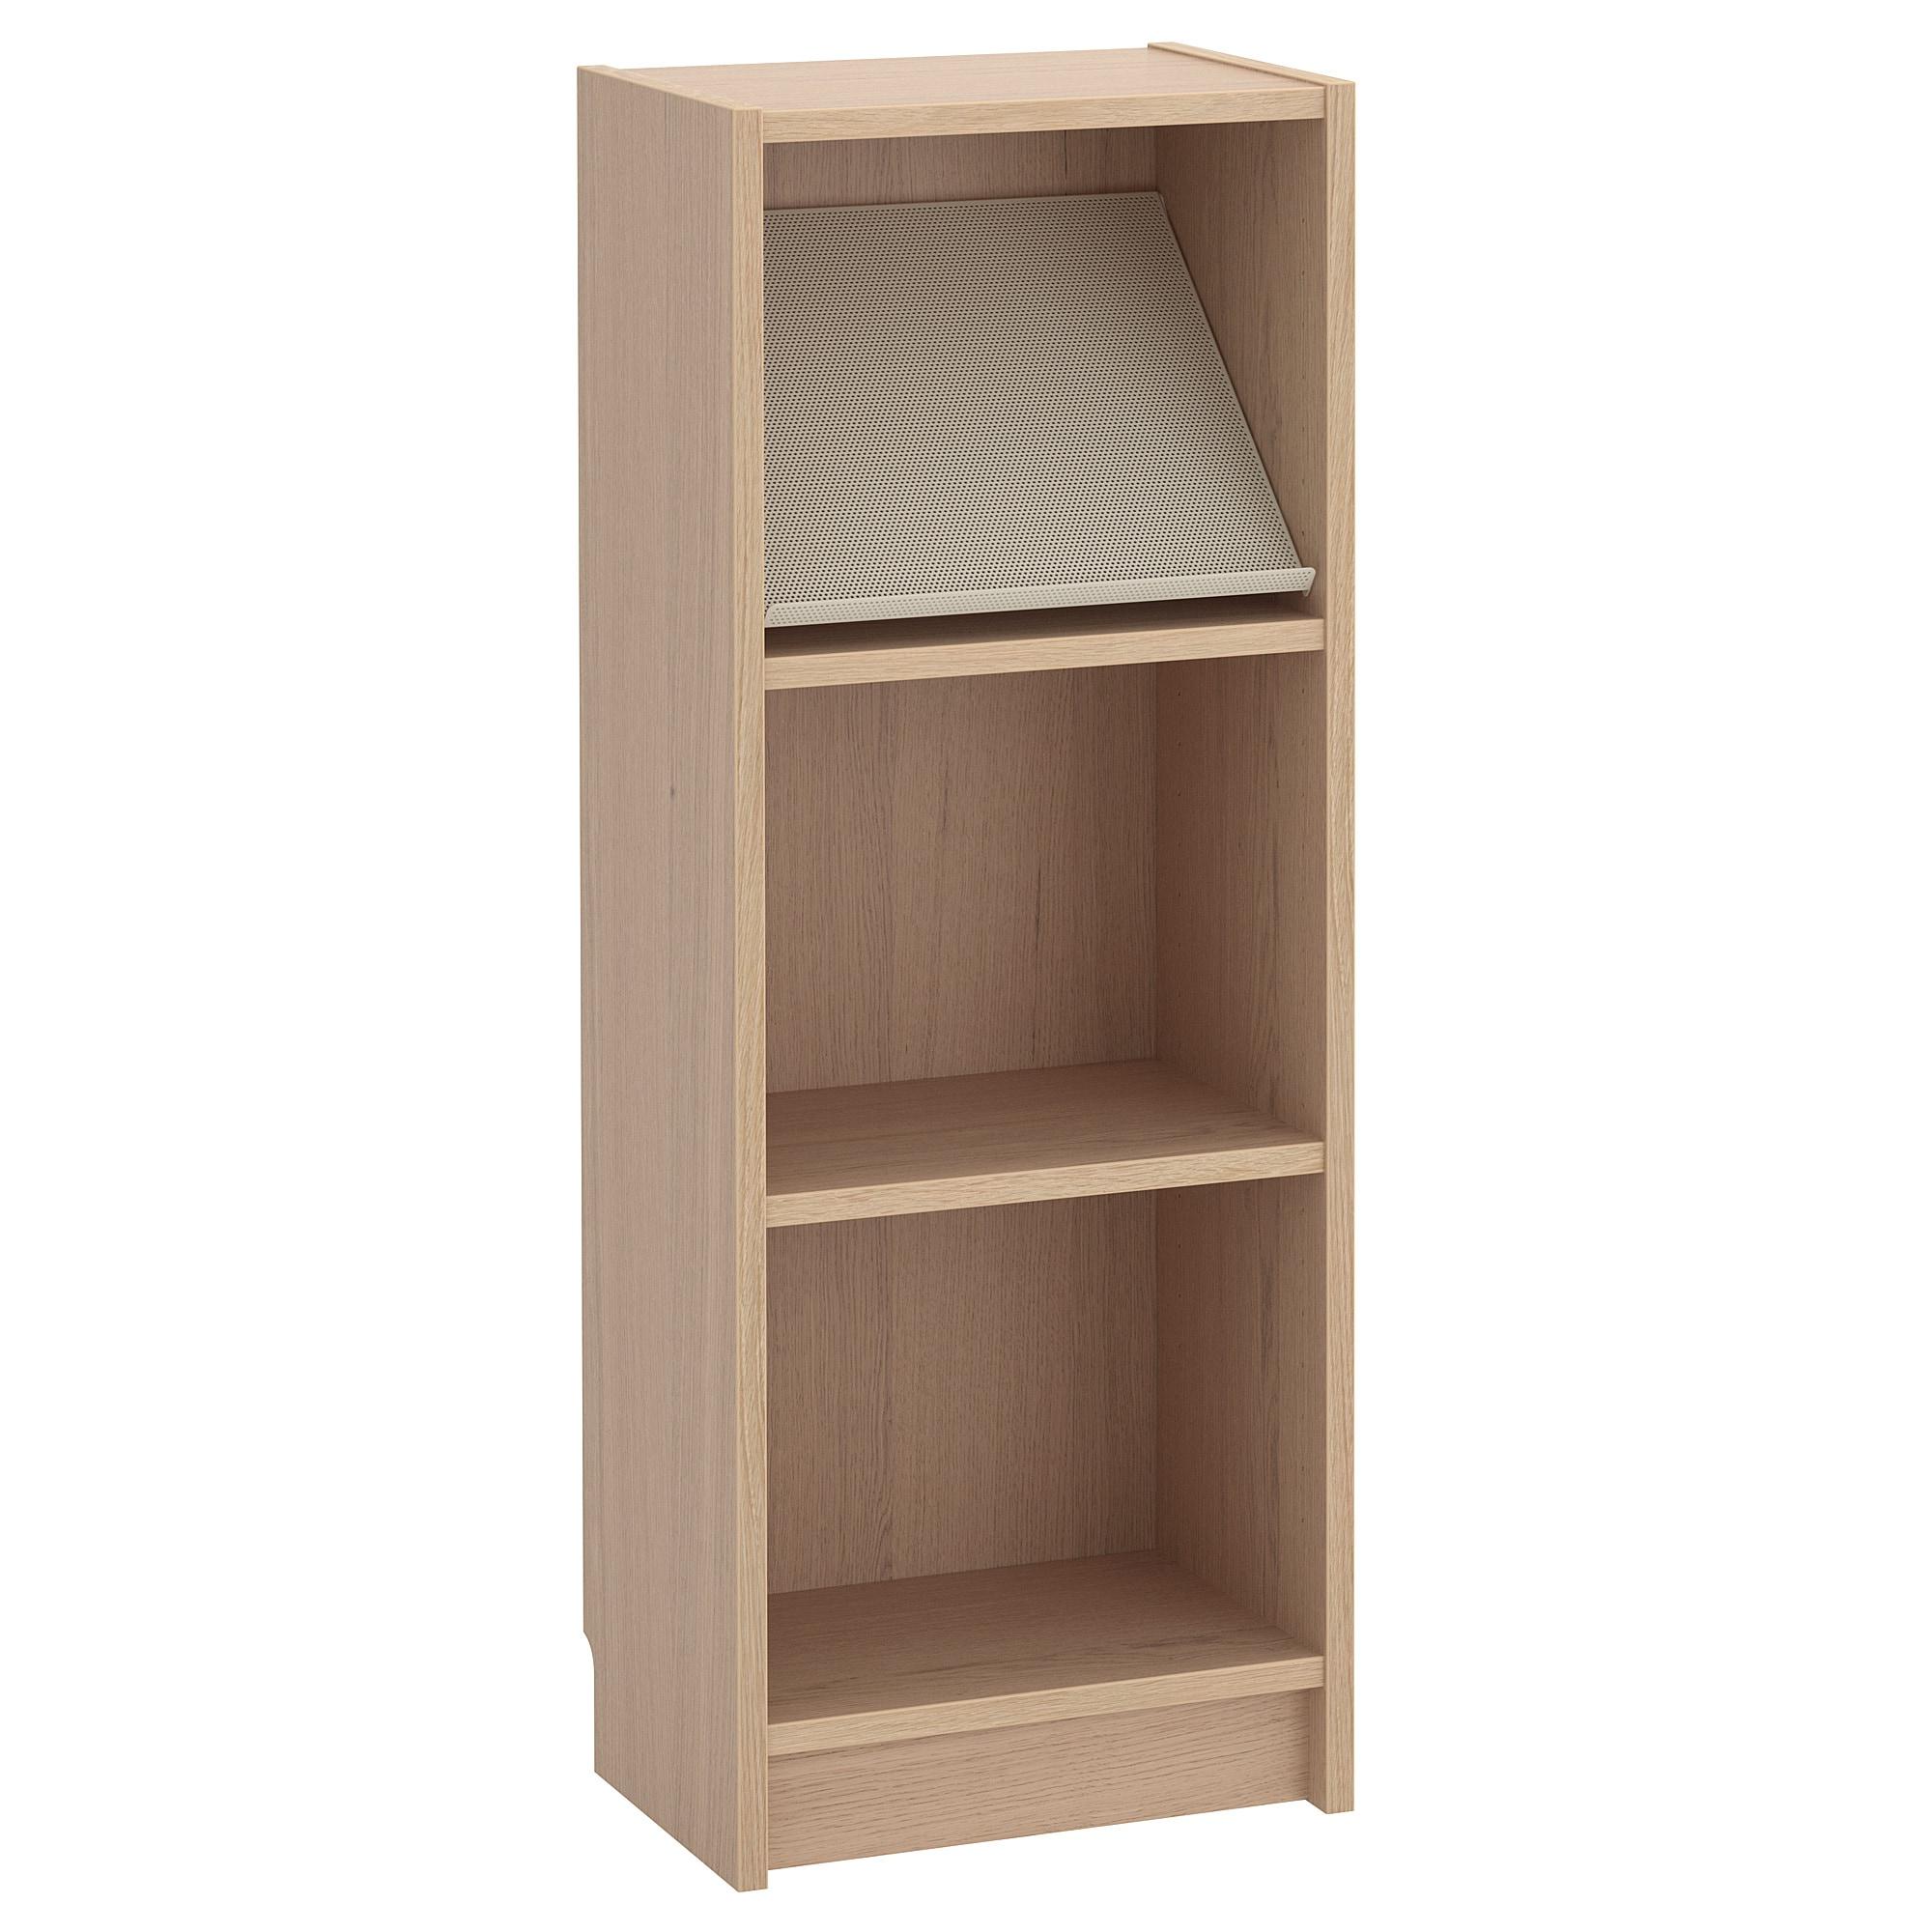 Muebles Librerias E6d5 Librerà as Pra Online Ikea